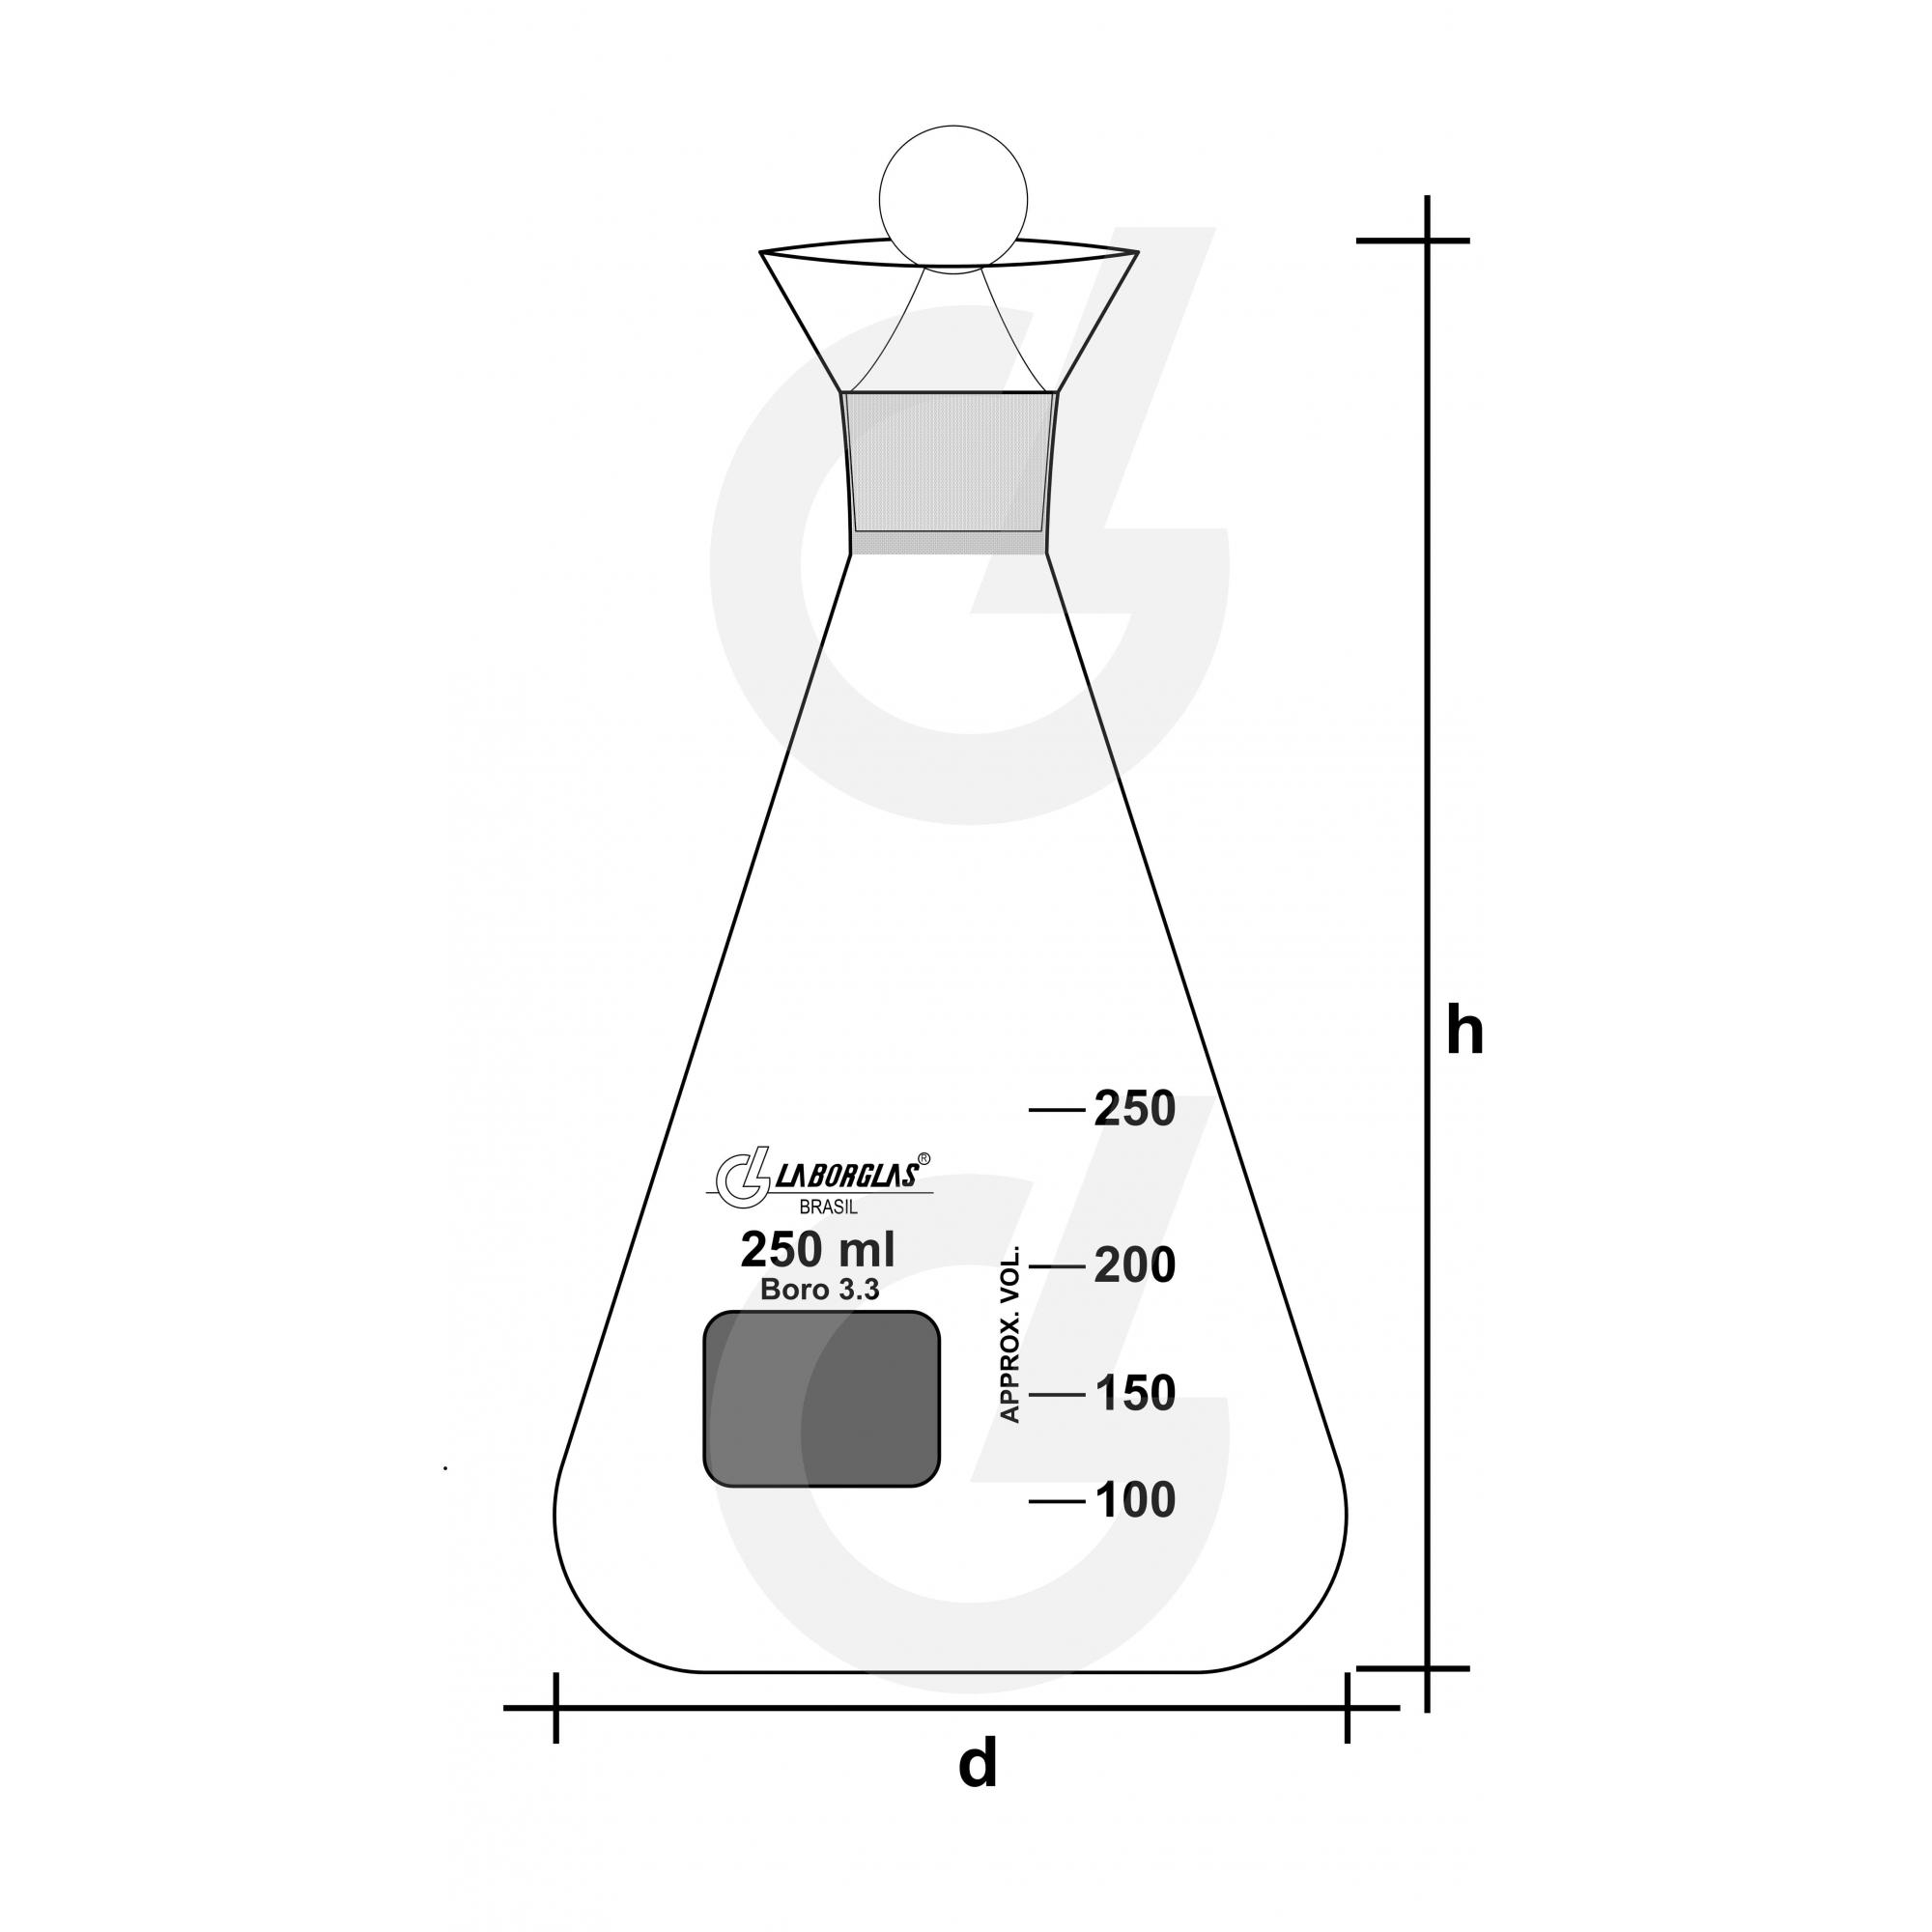 FRASCO INDICE DE IODO C/ ROLHA N.22 250 ML - Laborglas - Cód. 91216636